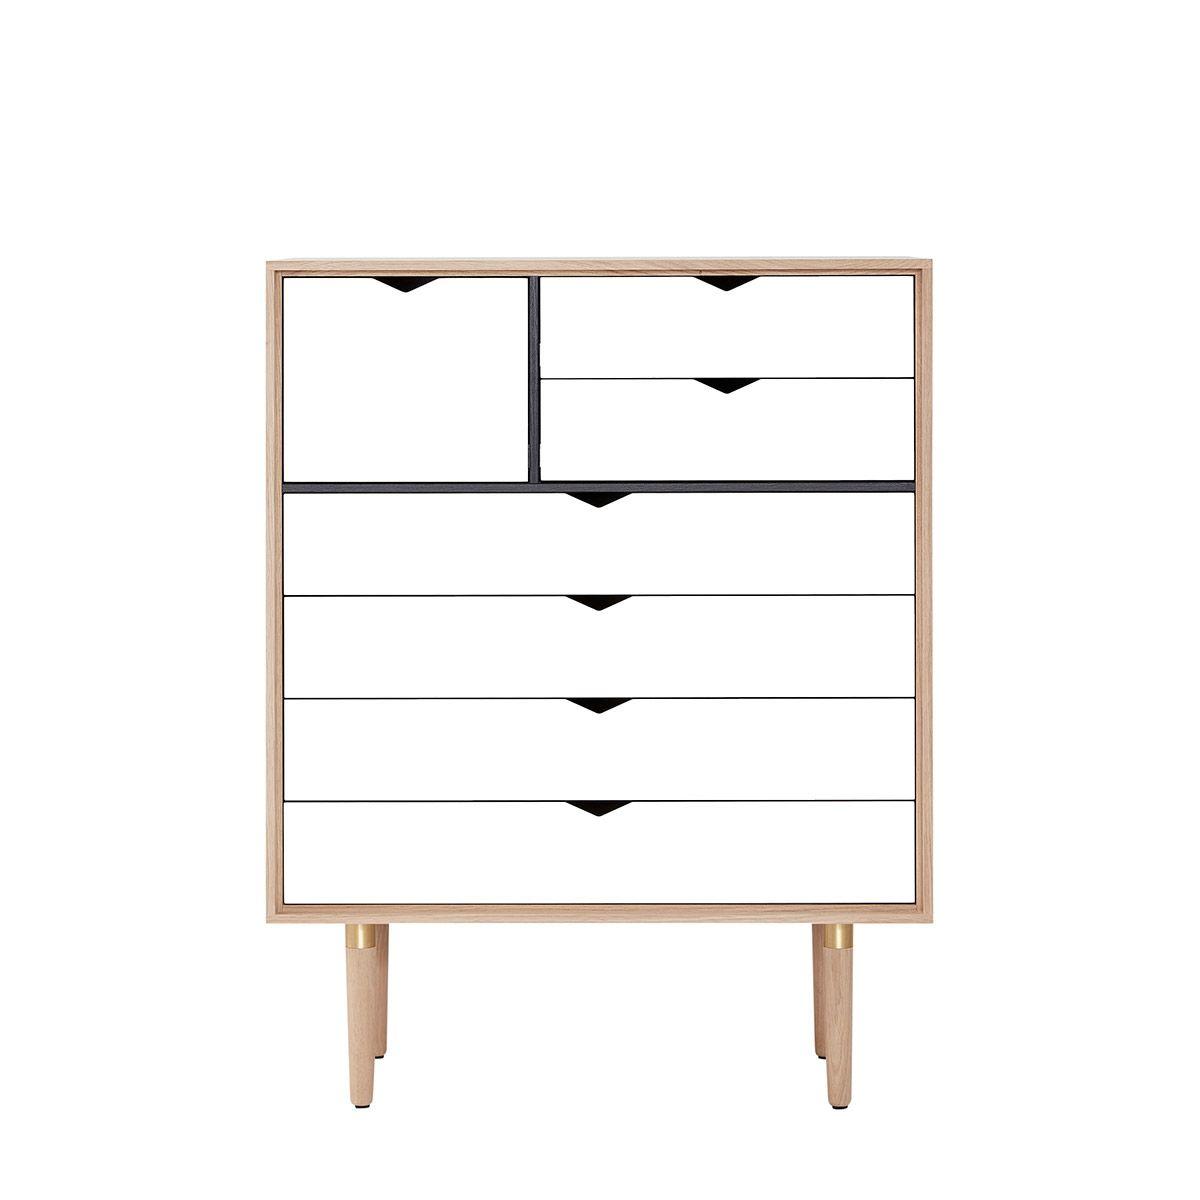 Eitelkeit Billige Kommoden Referenz Von Andersen Furniture - S8 Kommode - Eg